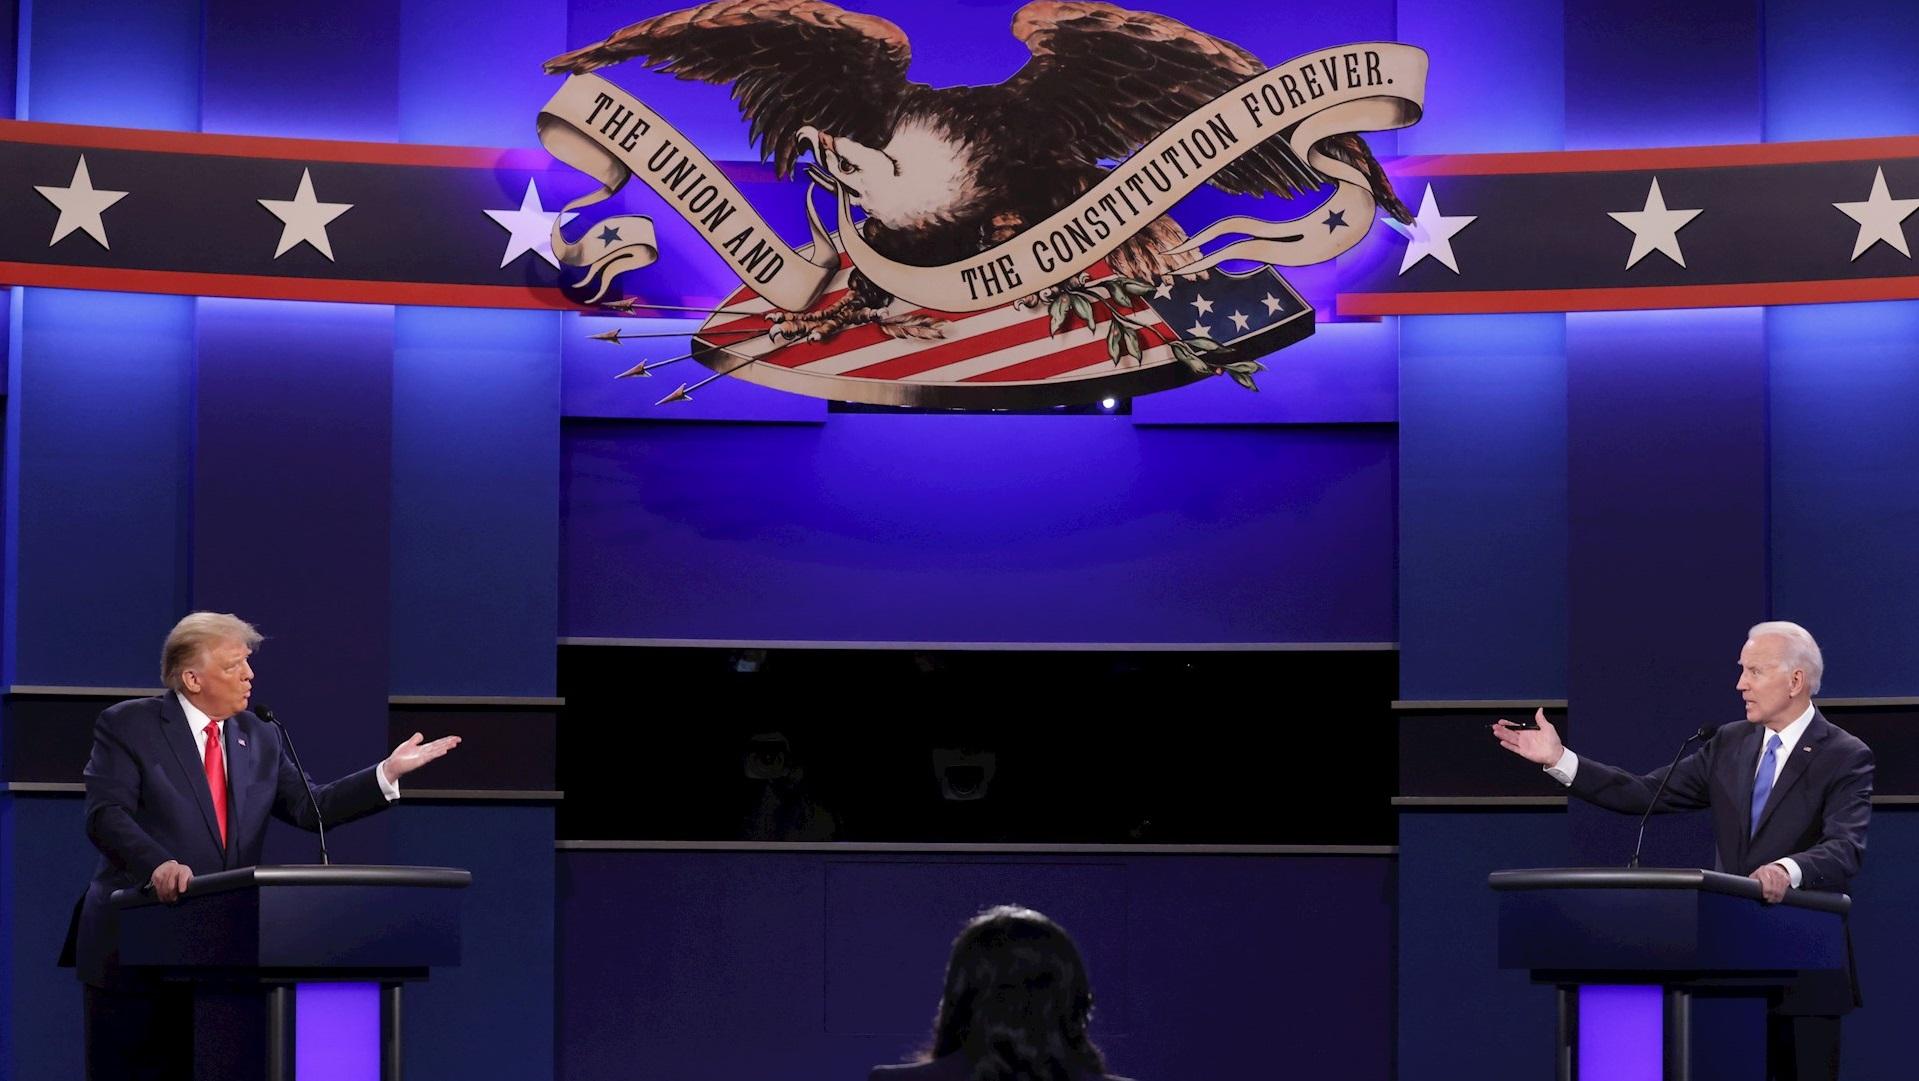 Donald Trump y Joe Biden durante el Segundo Debate Presidencial de Estados Unidos. Foto de EFE/EPA/Chip Somodevilla / POOL